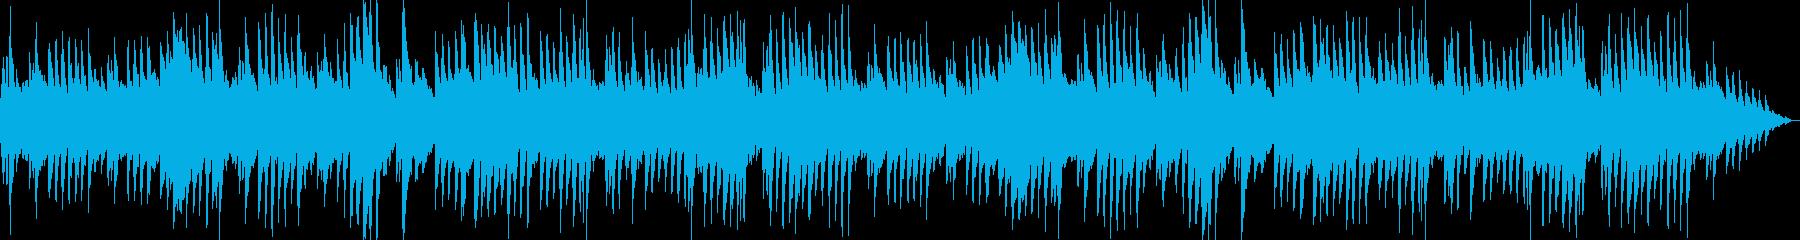 悲しく切ないピアノソロ、ゲームBGM系の再生済みの波形